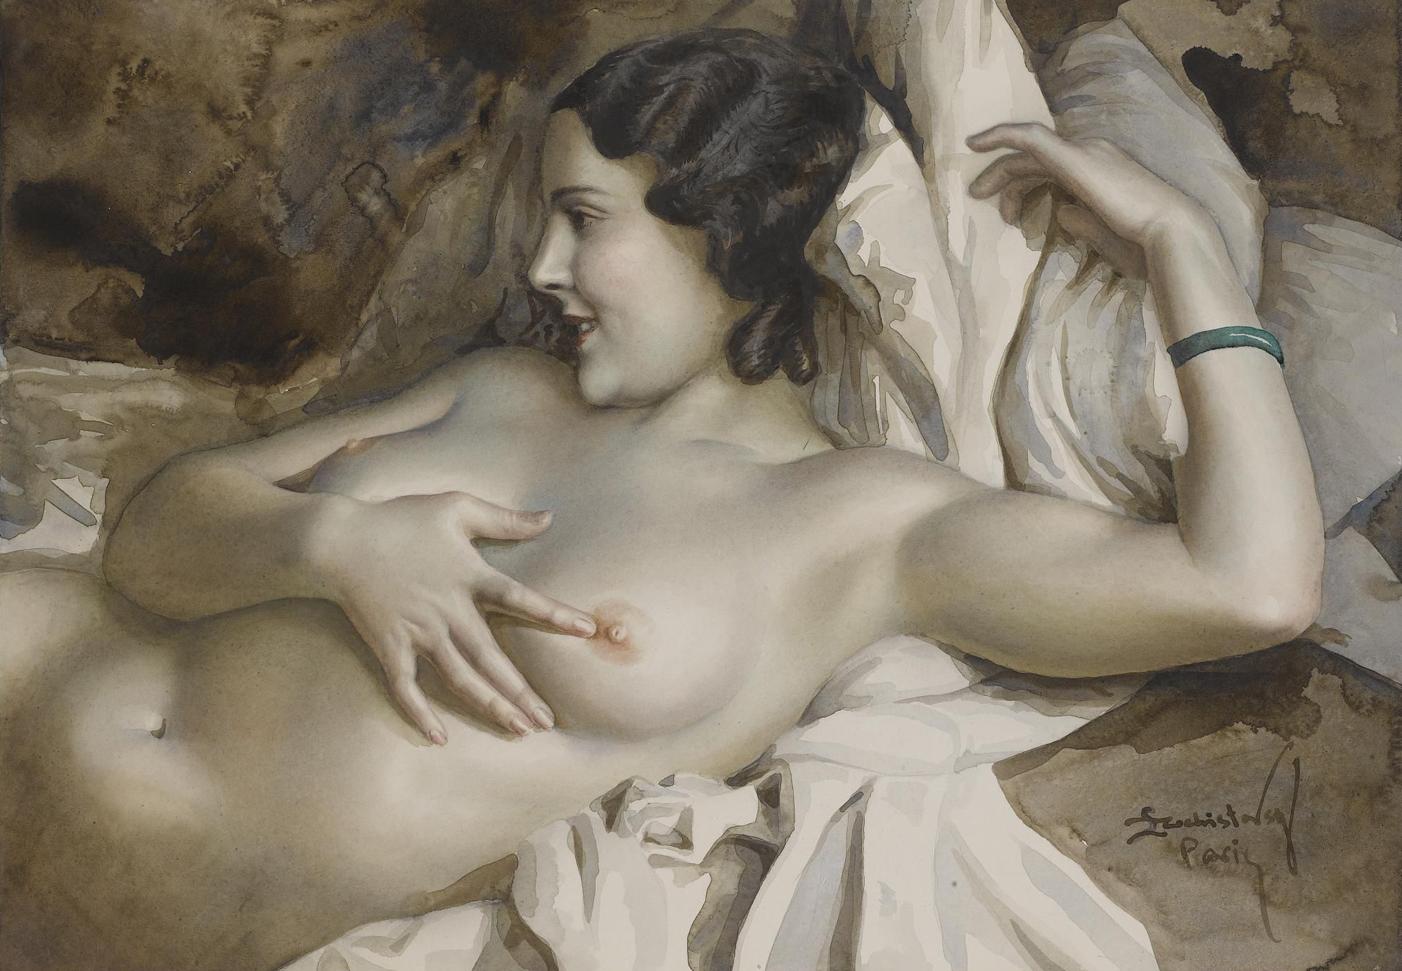 Художница рисует голого мужика, Дочь художница рисует с натуры папин член, сосёт его 10 фотография